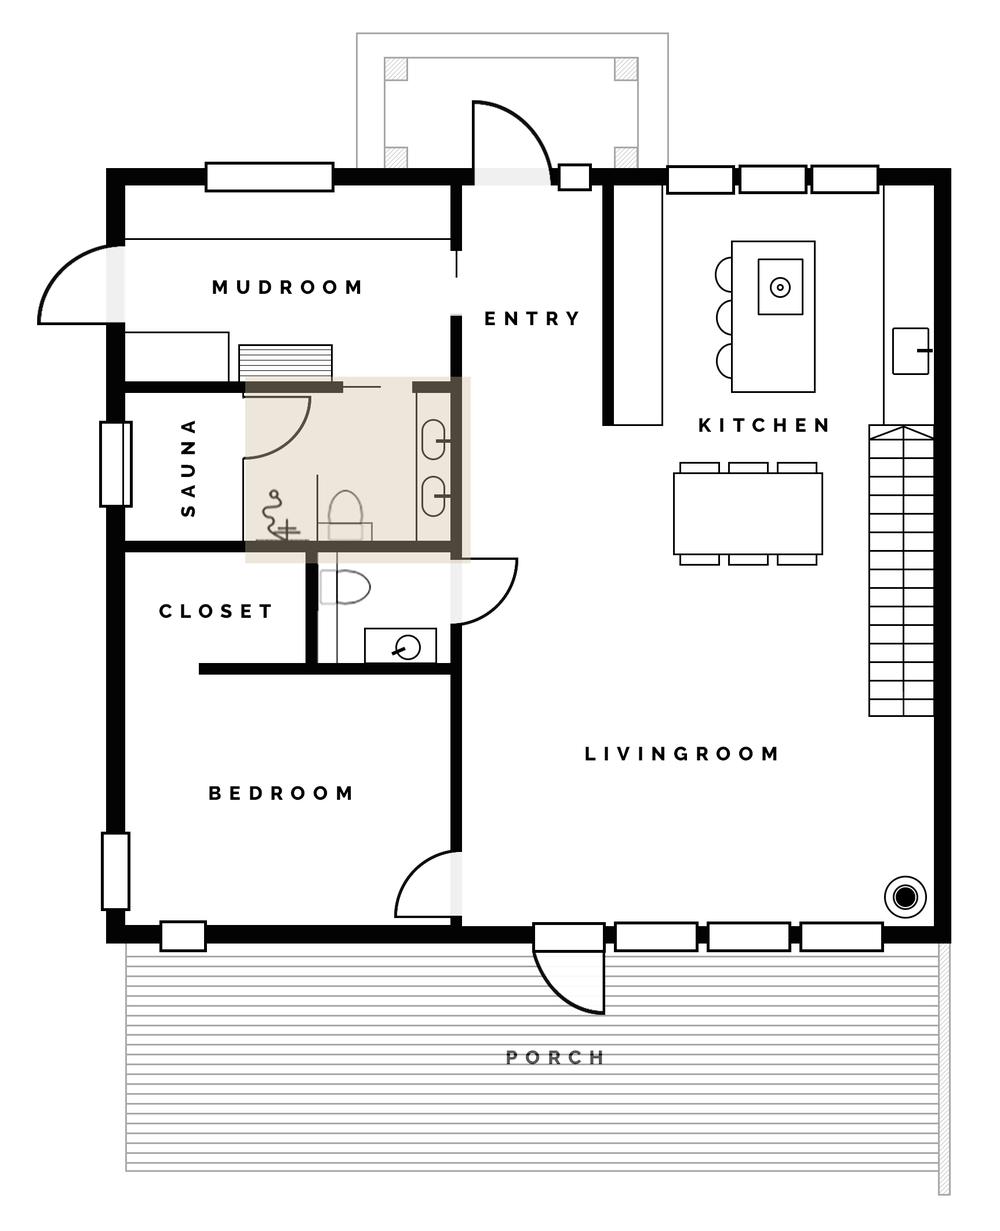 Vi Bygger Hus! | Badrumsplanering | Planlösning i badrummet | By Sandramaria | Sandramarias.com